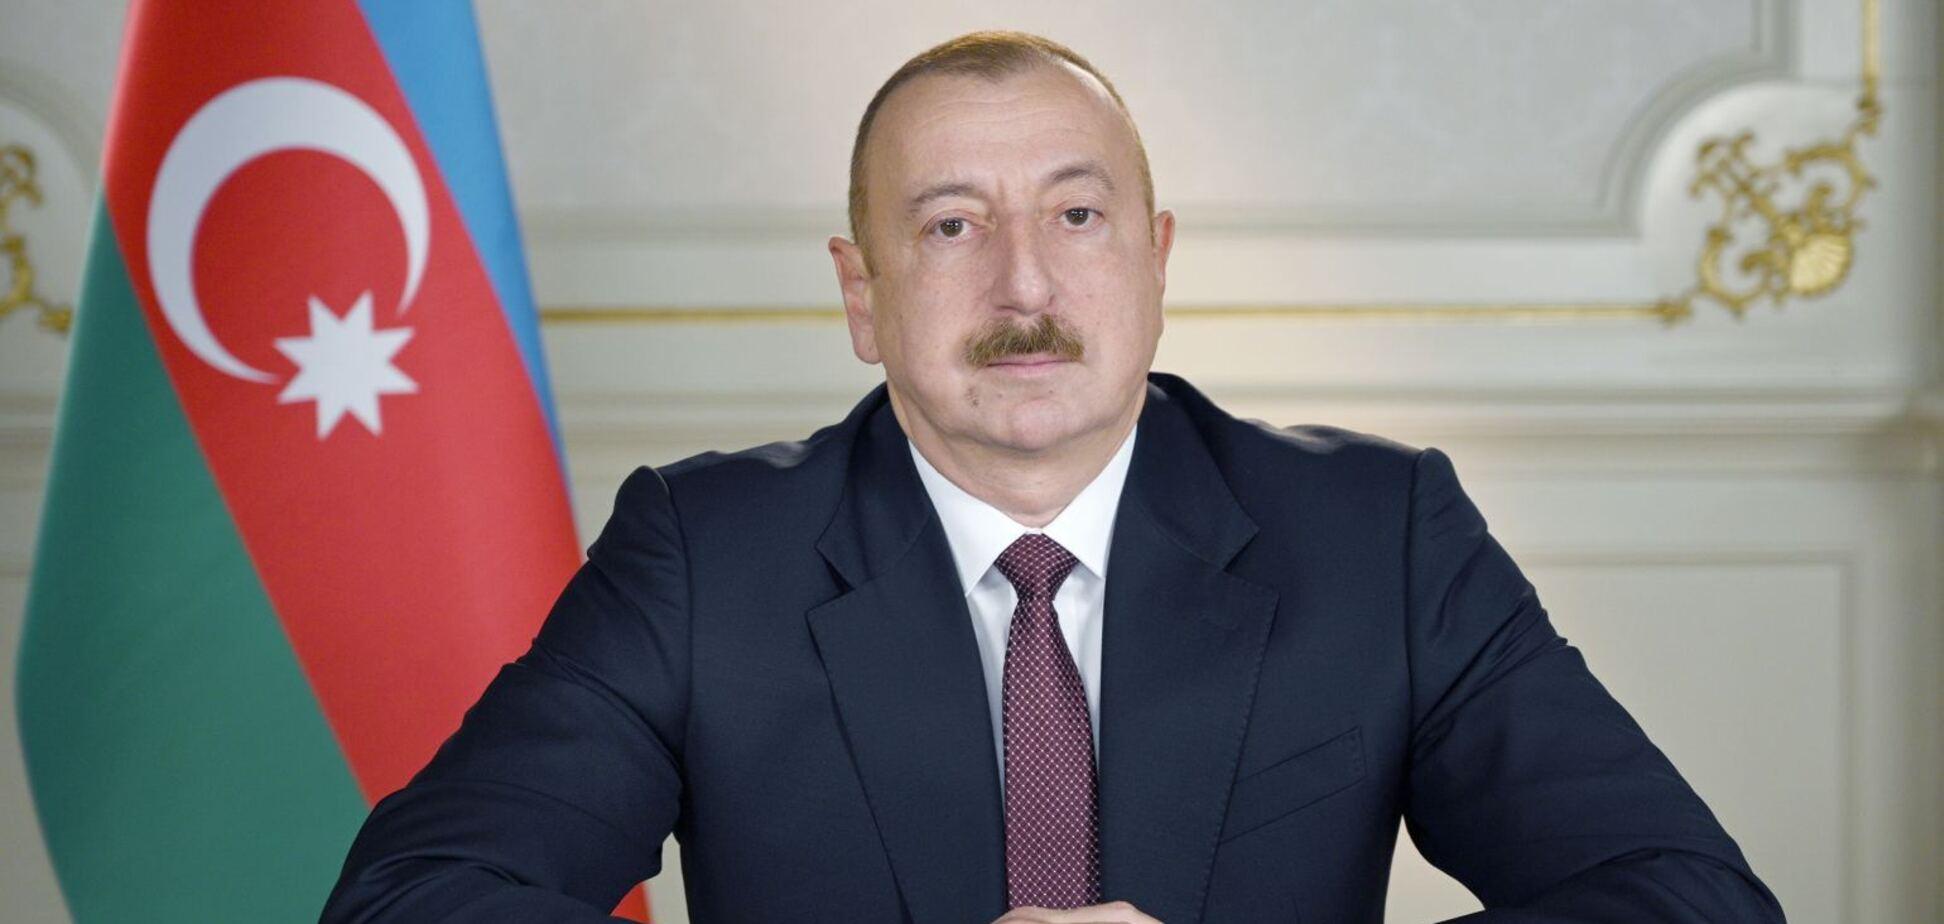 Алієв оголосив про закінчення війни в Карабасі